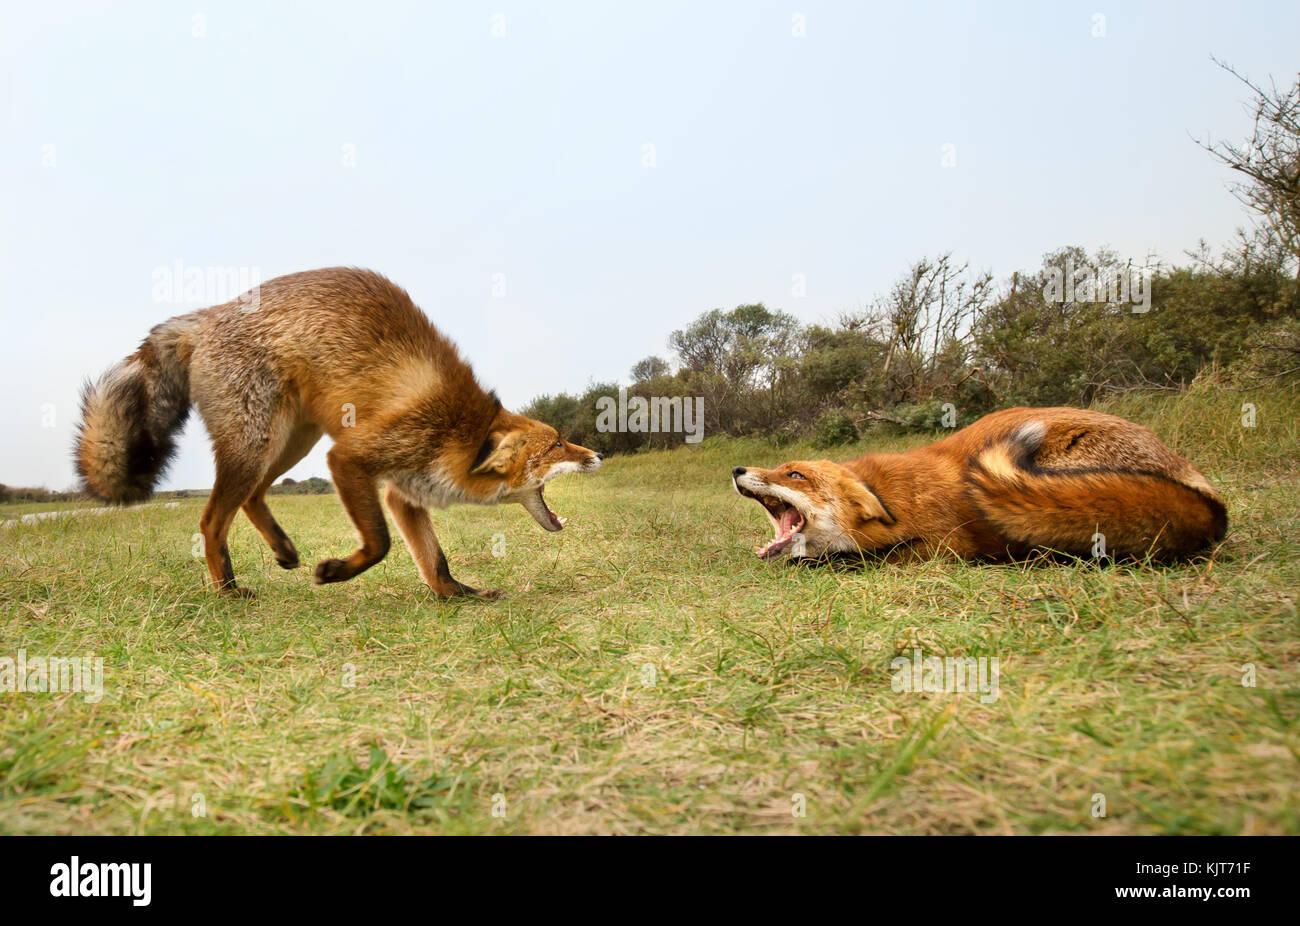 Dos zorros atacarse unos a otros y peleando por un territorio intentando morder. Imagen De Stock